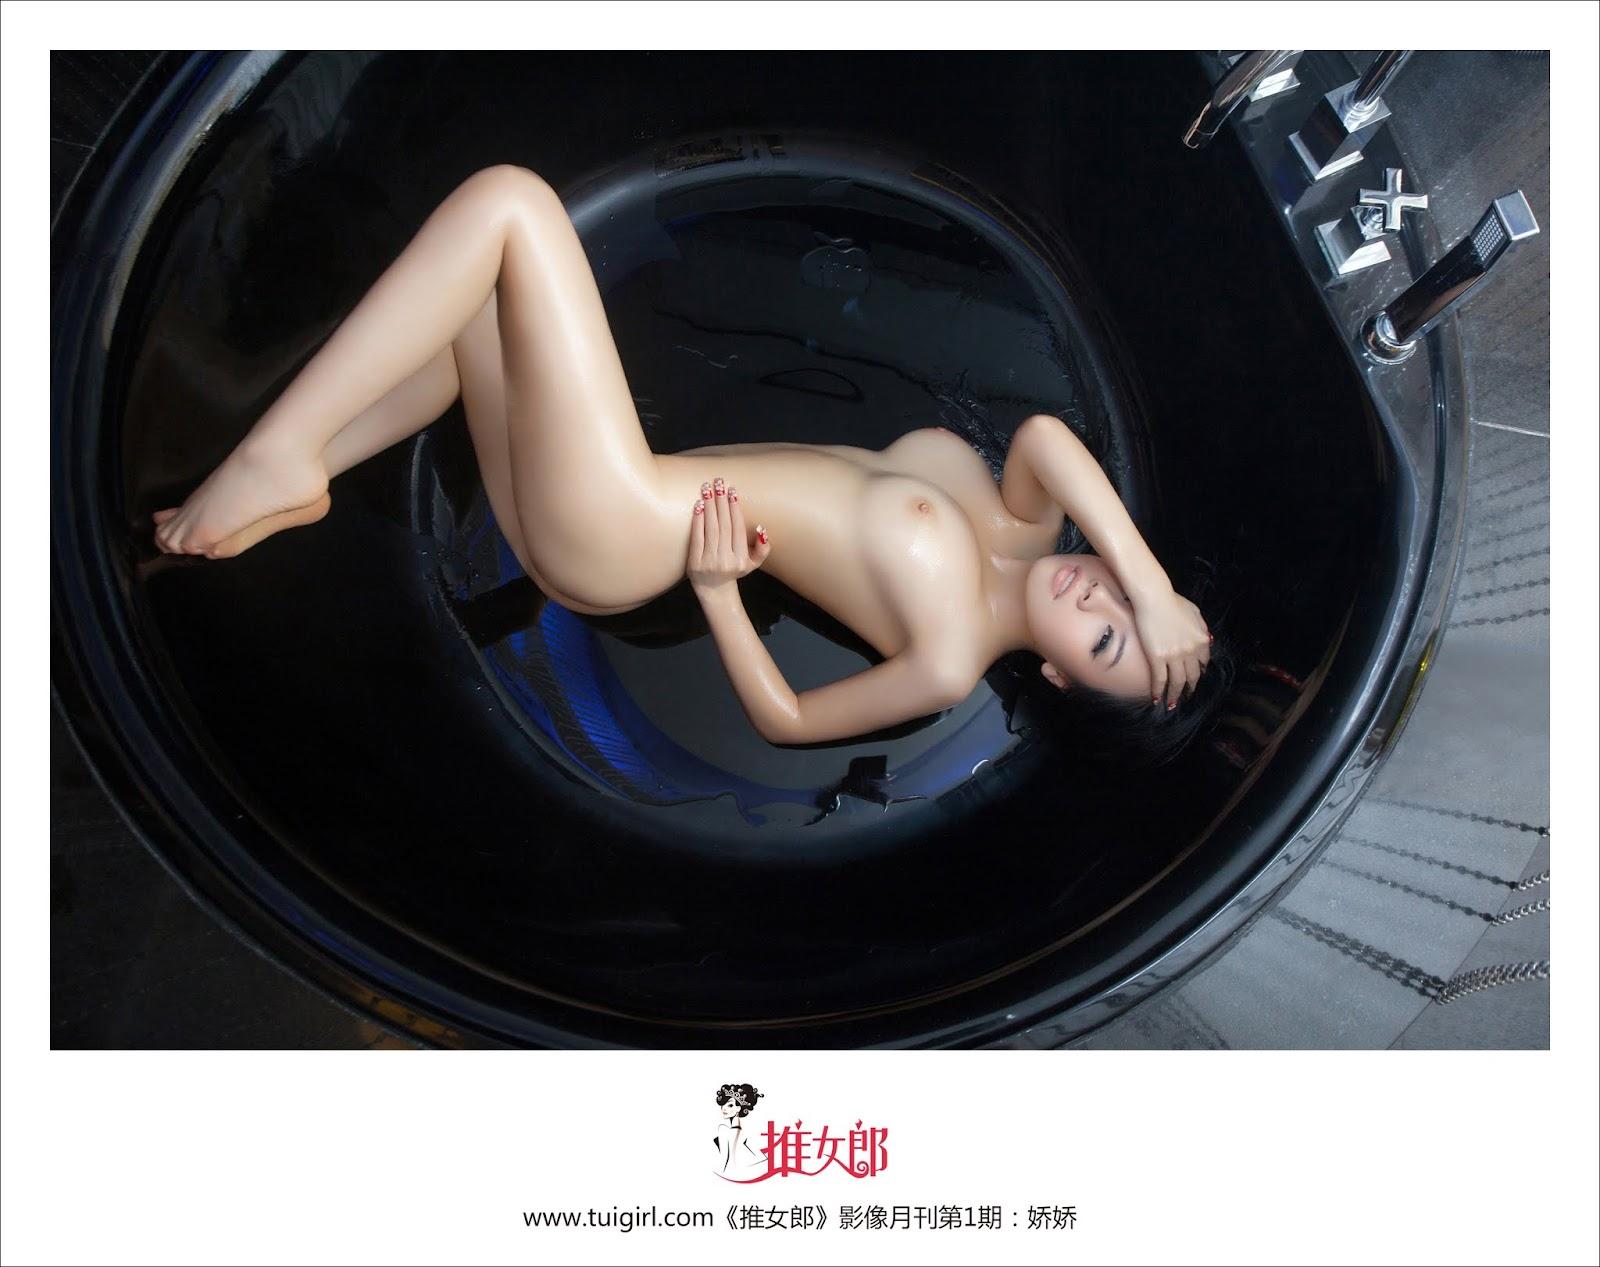 34 - TUIGIRL NO.1 Naked Hot Fuck